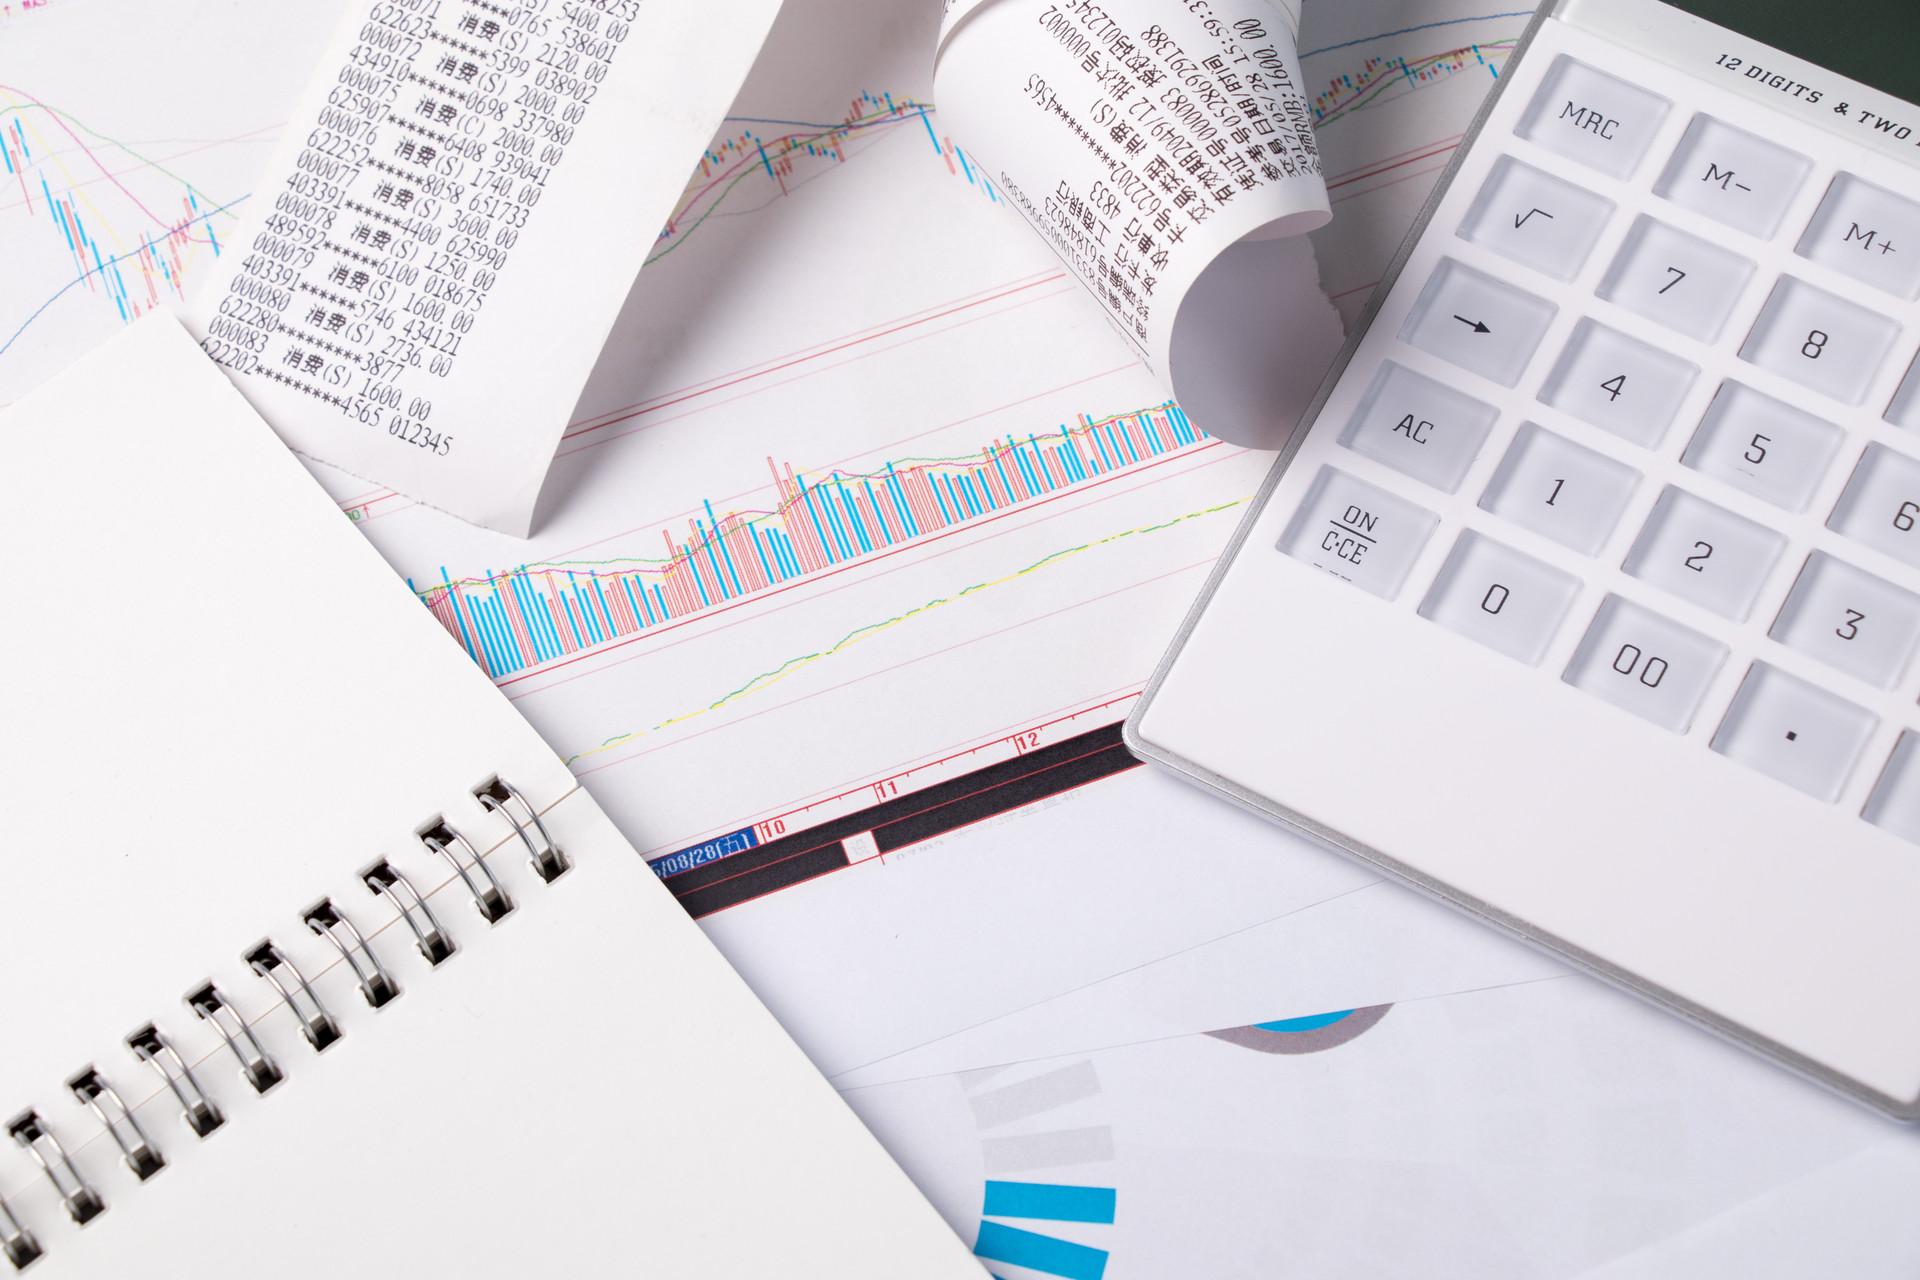 代理记账,代理记账有哪几个问题需要注意,代理记账公司